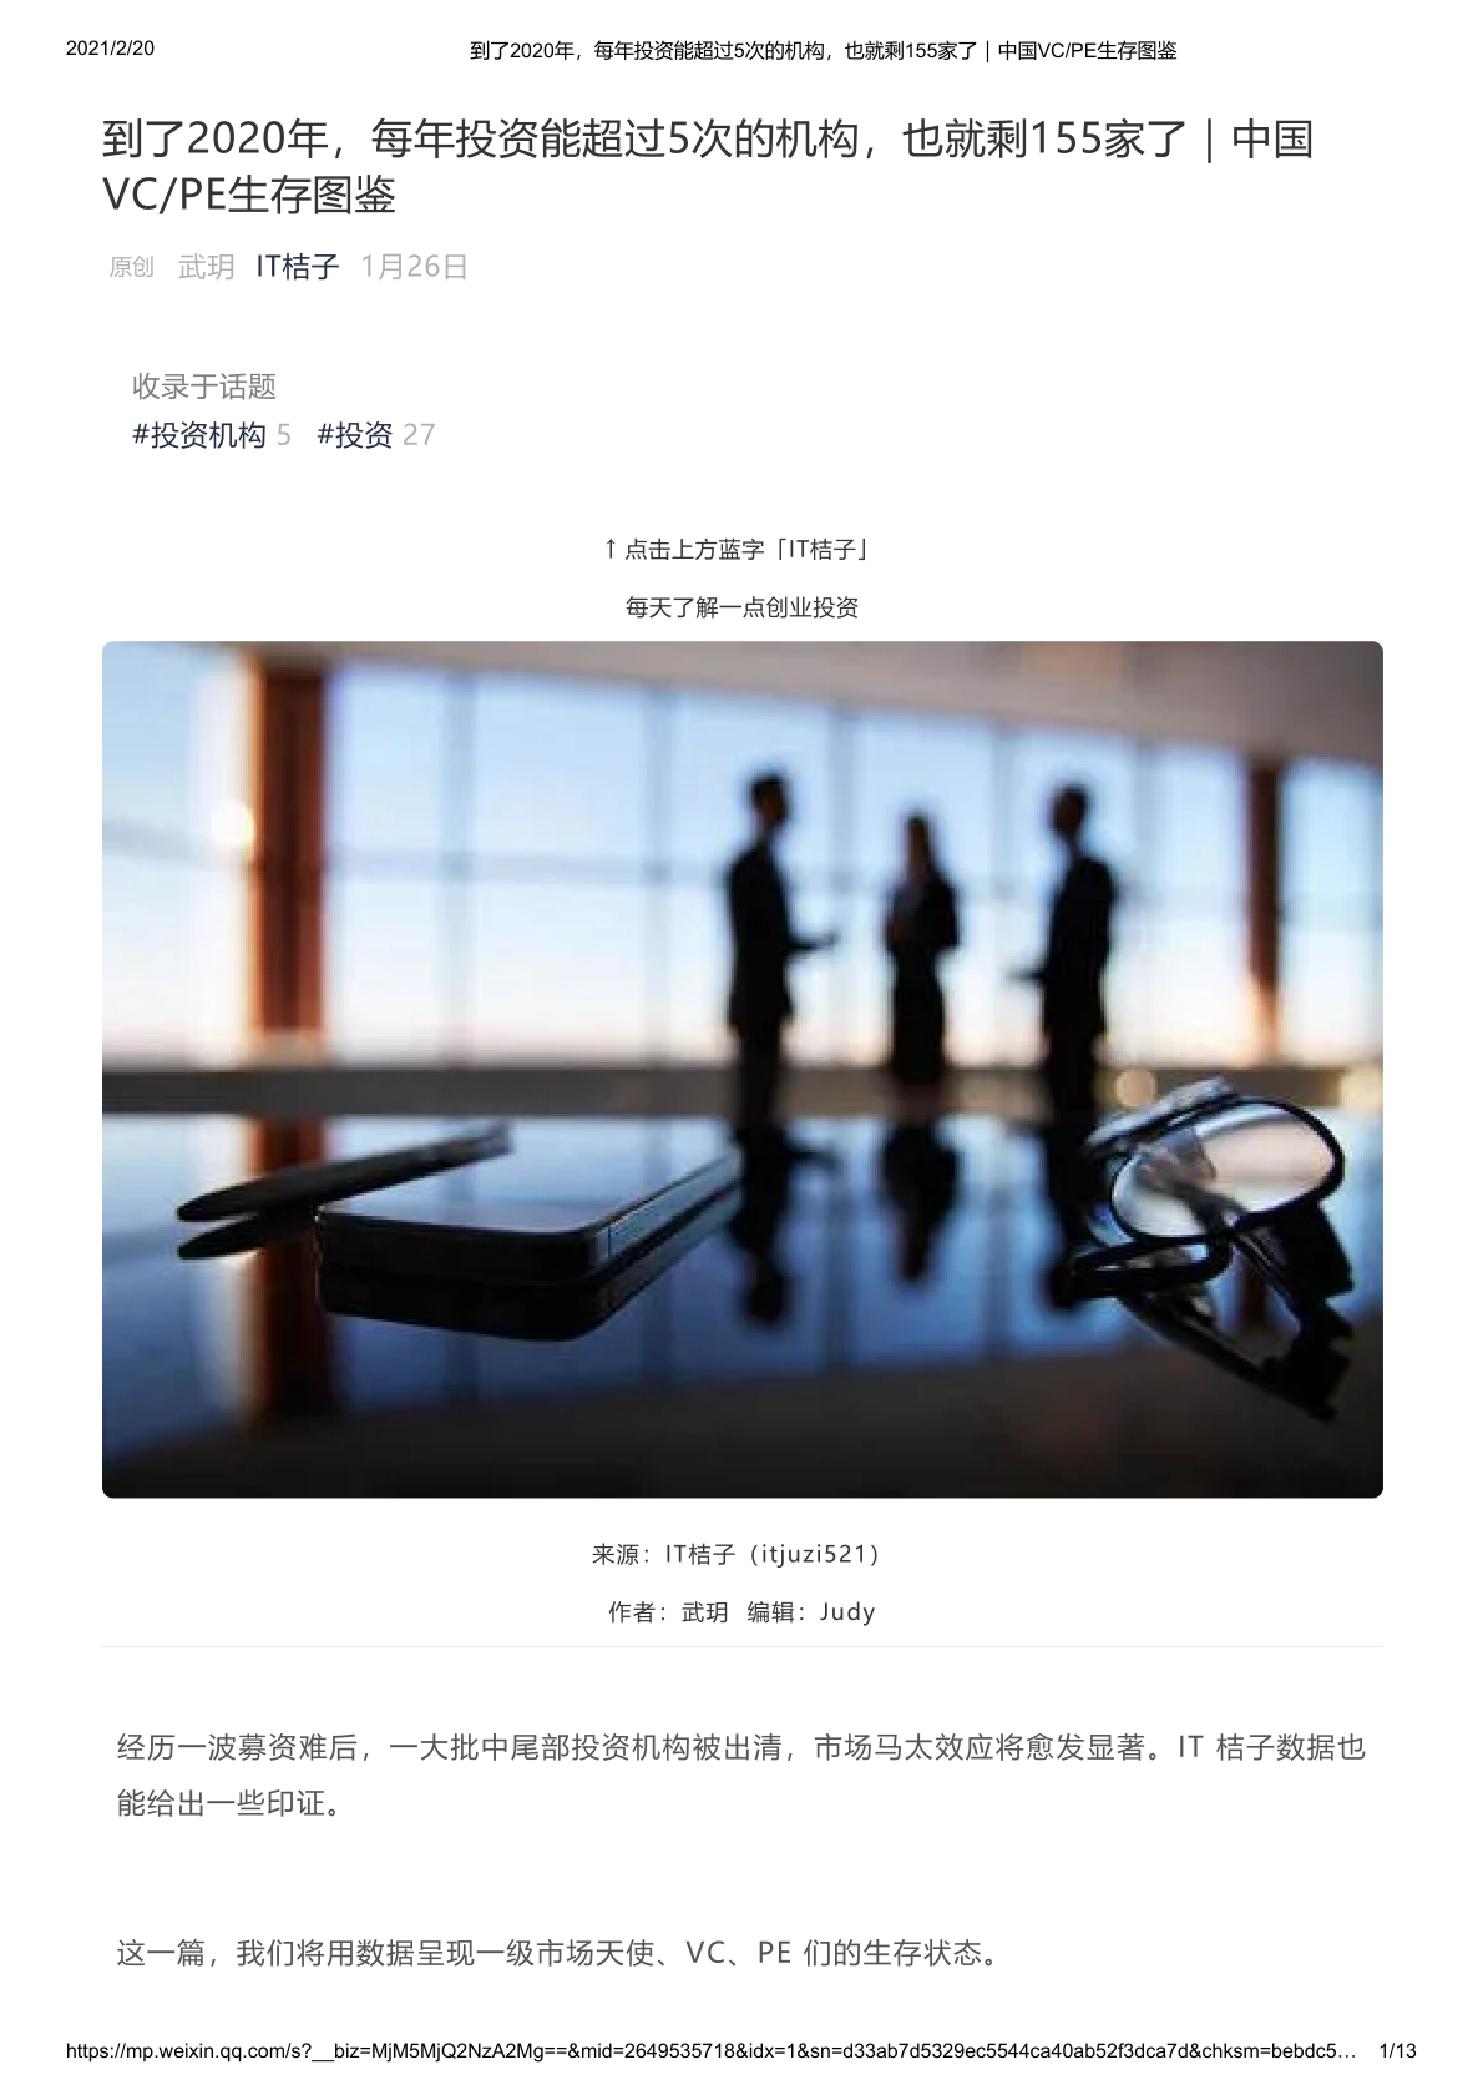 到了2020年,每年投资能超过5次的机构,也就剩155家了 中国VC_PE生存图鉴